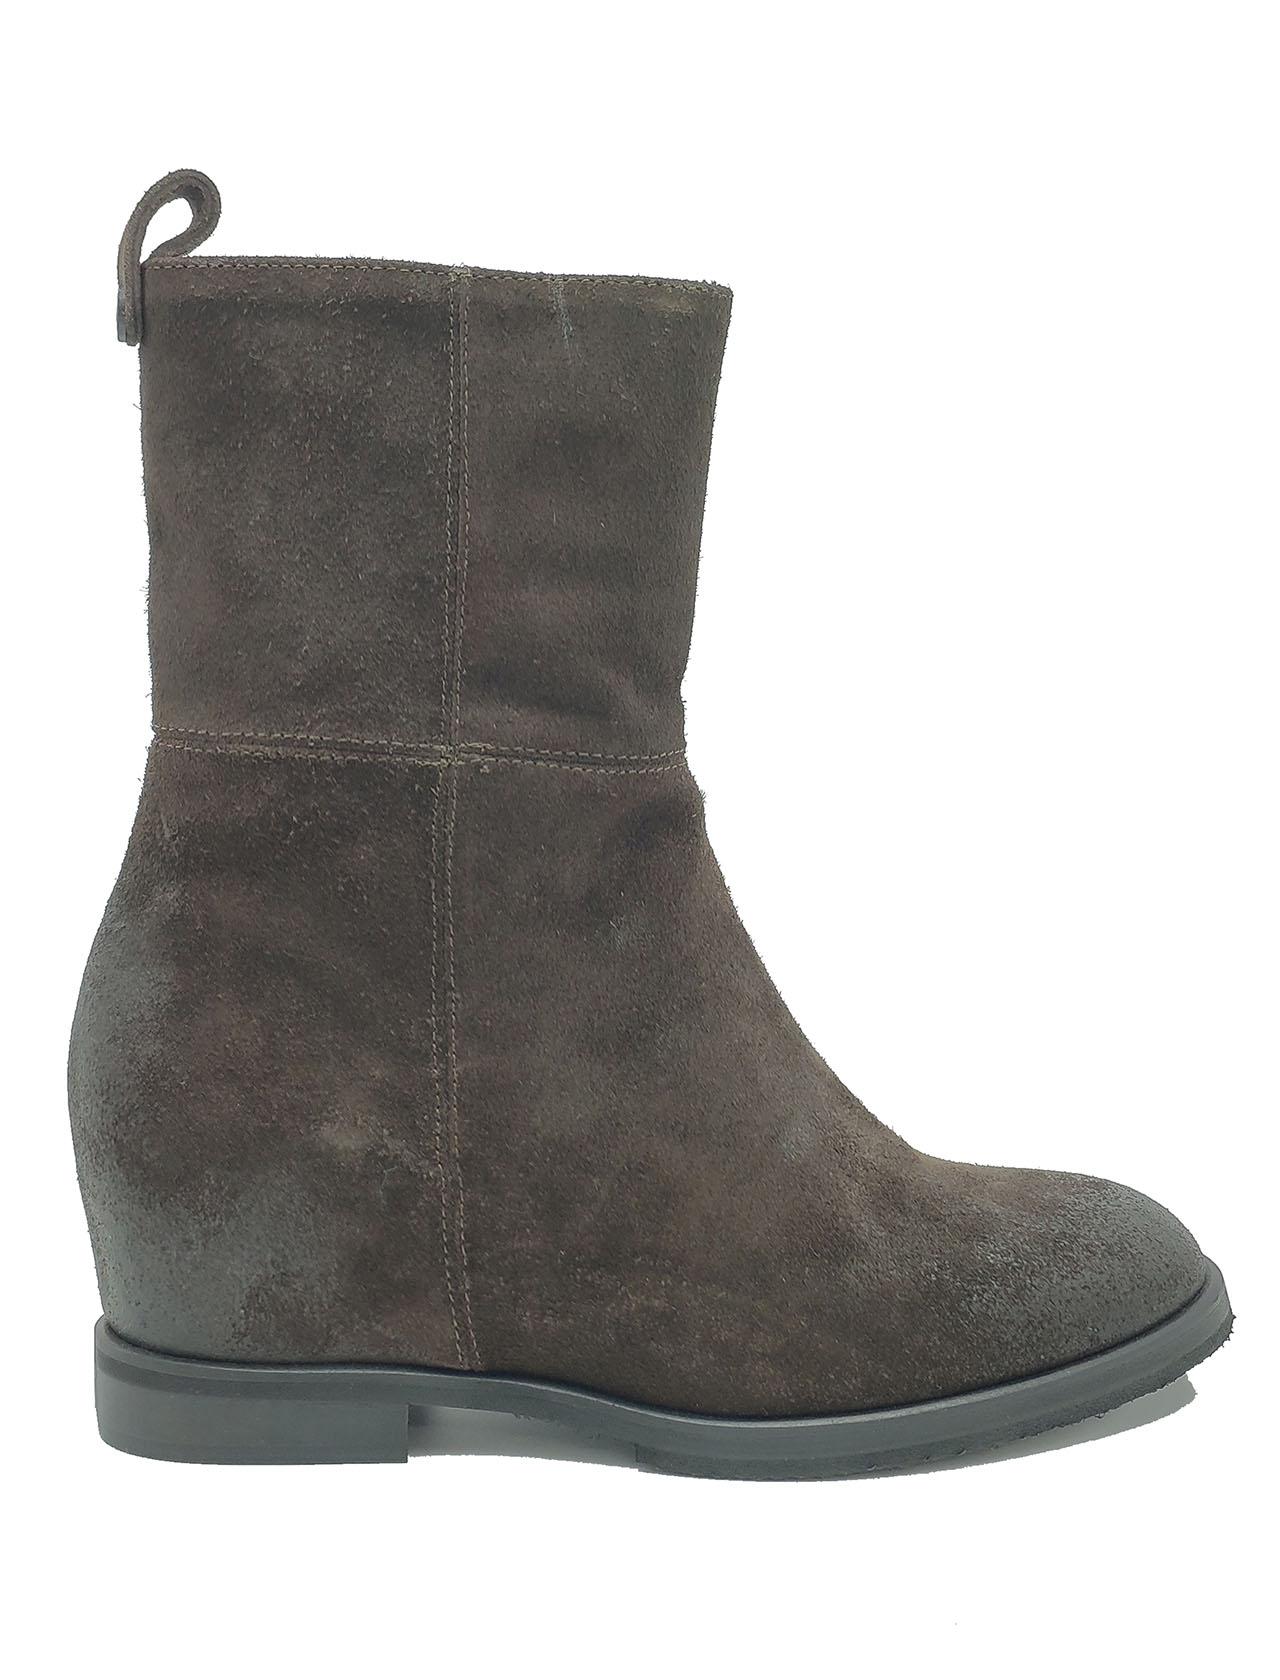 Spatarella | Ankle Boots | SF11DONNA LEIMORO